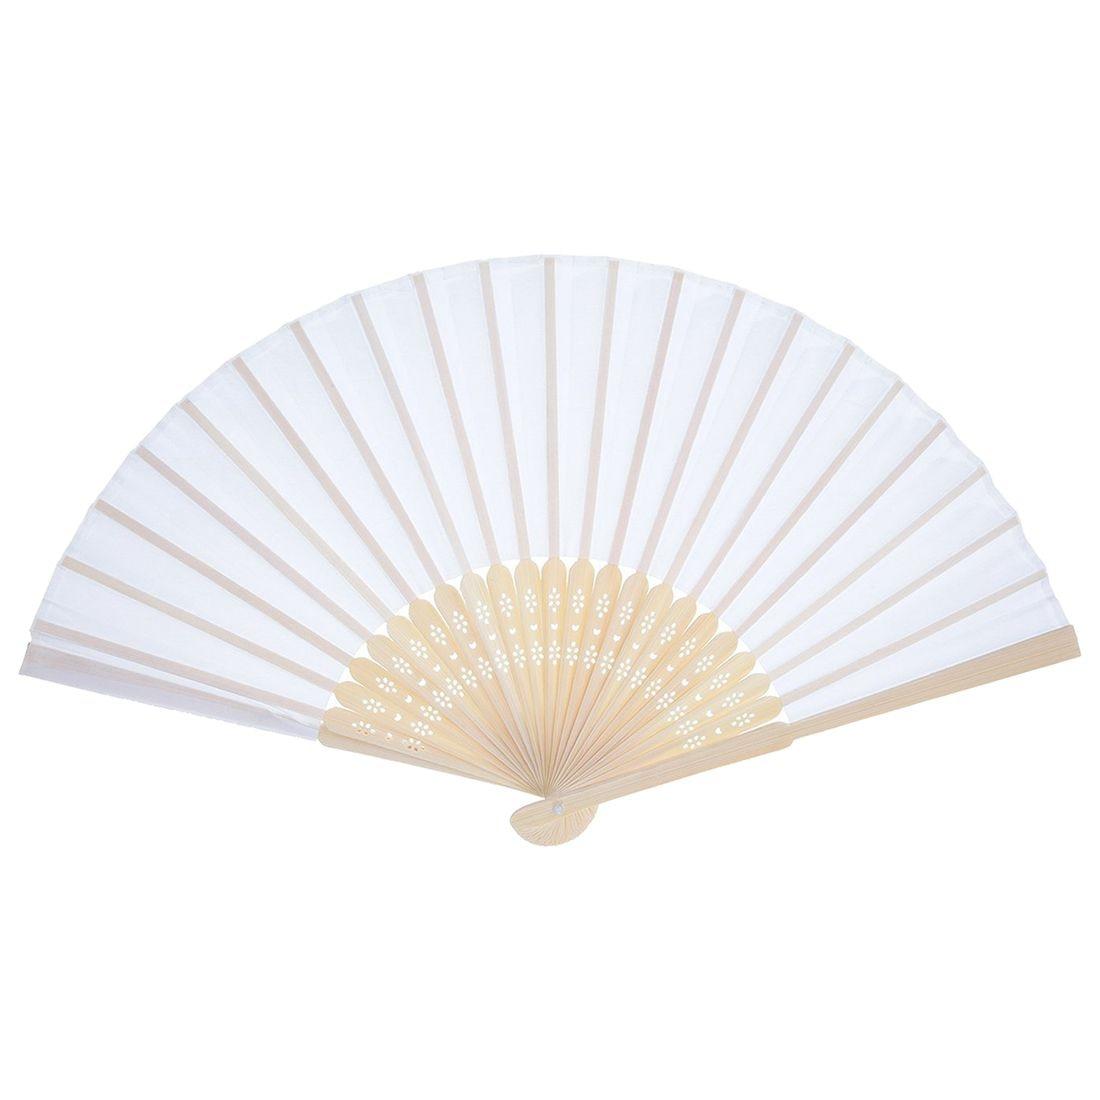 buy hot 12 pack hand held fans white. Black Bedroom Furniture Sets. Home Design Ideas